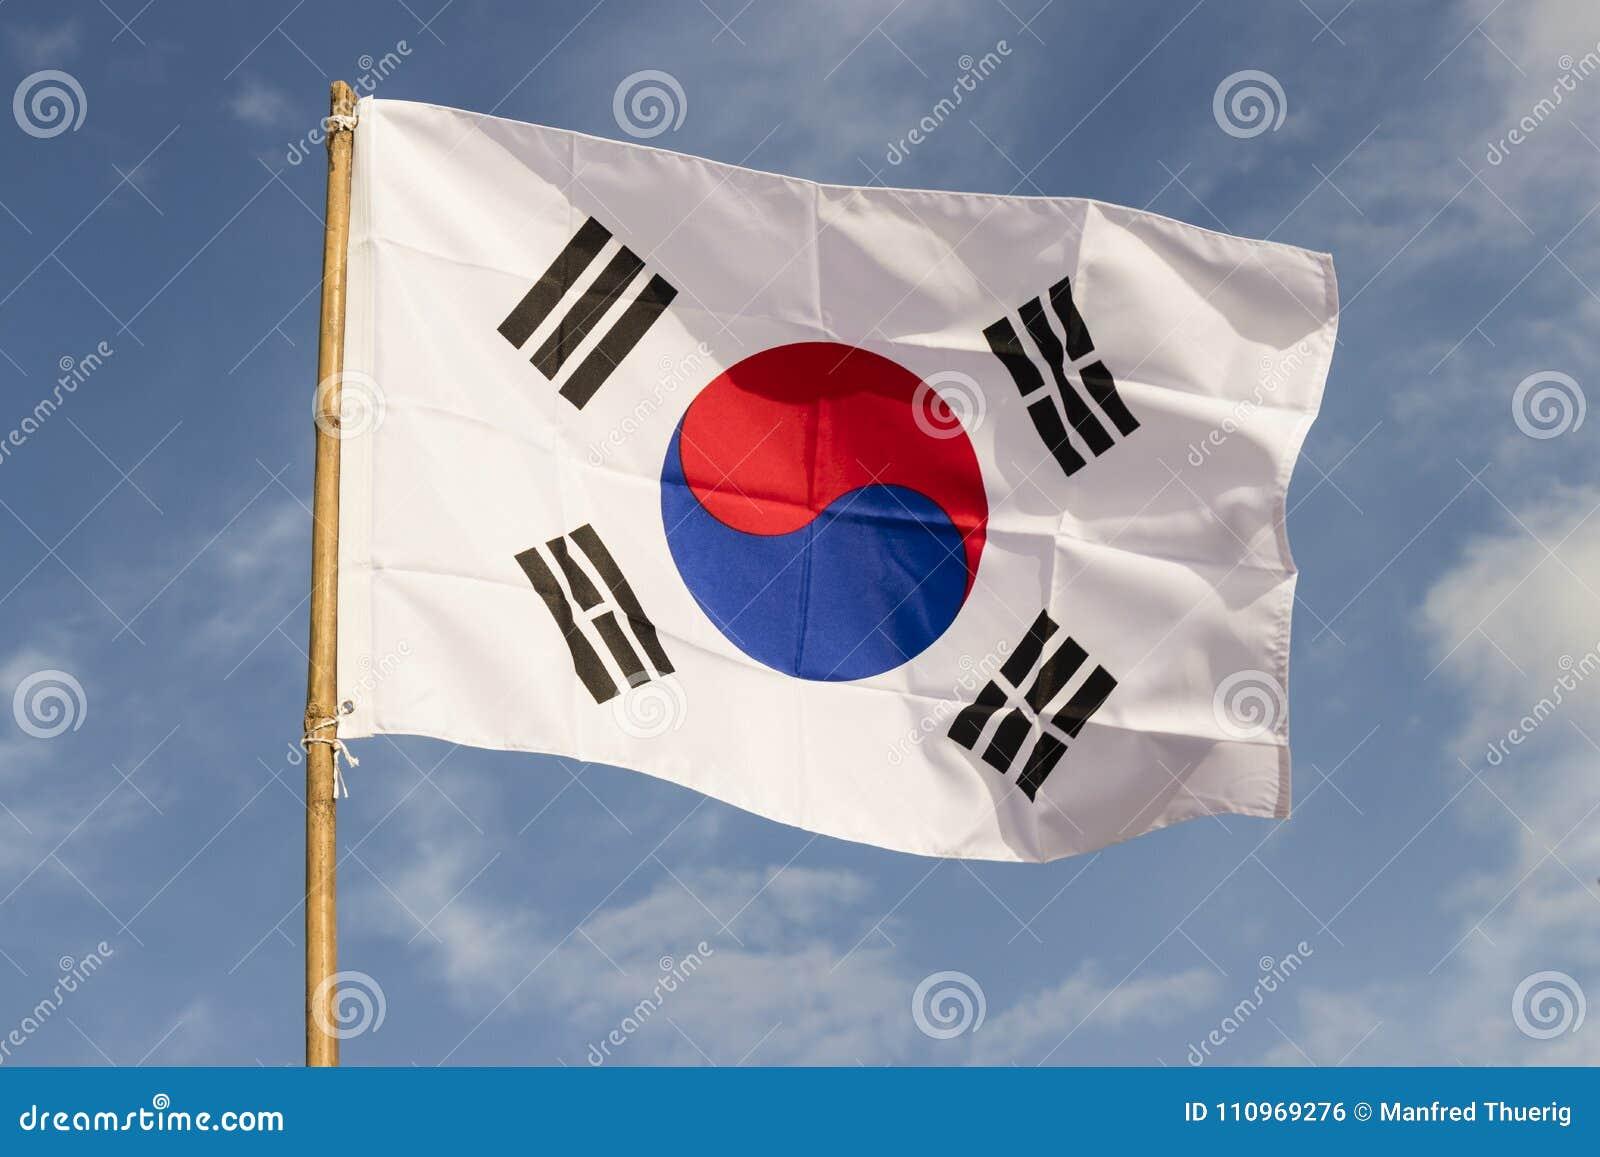 South Korea flag waving against cloudy blue sky